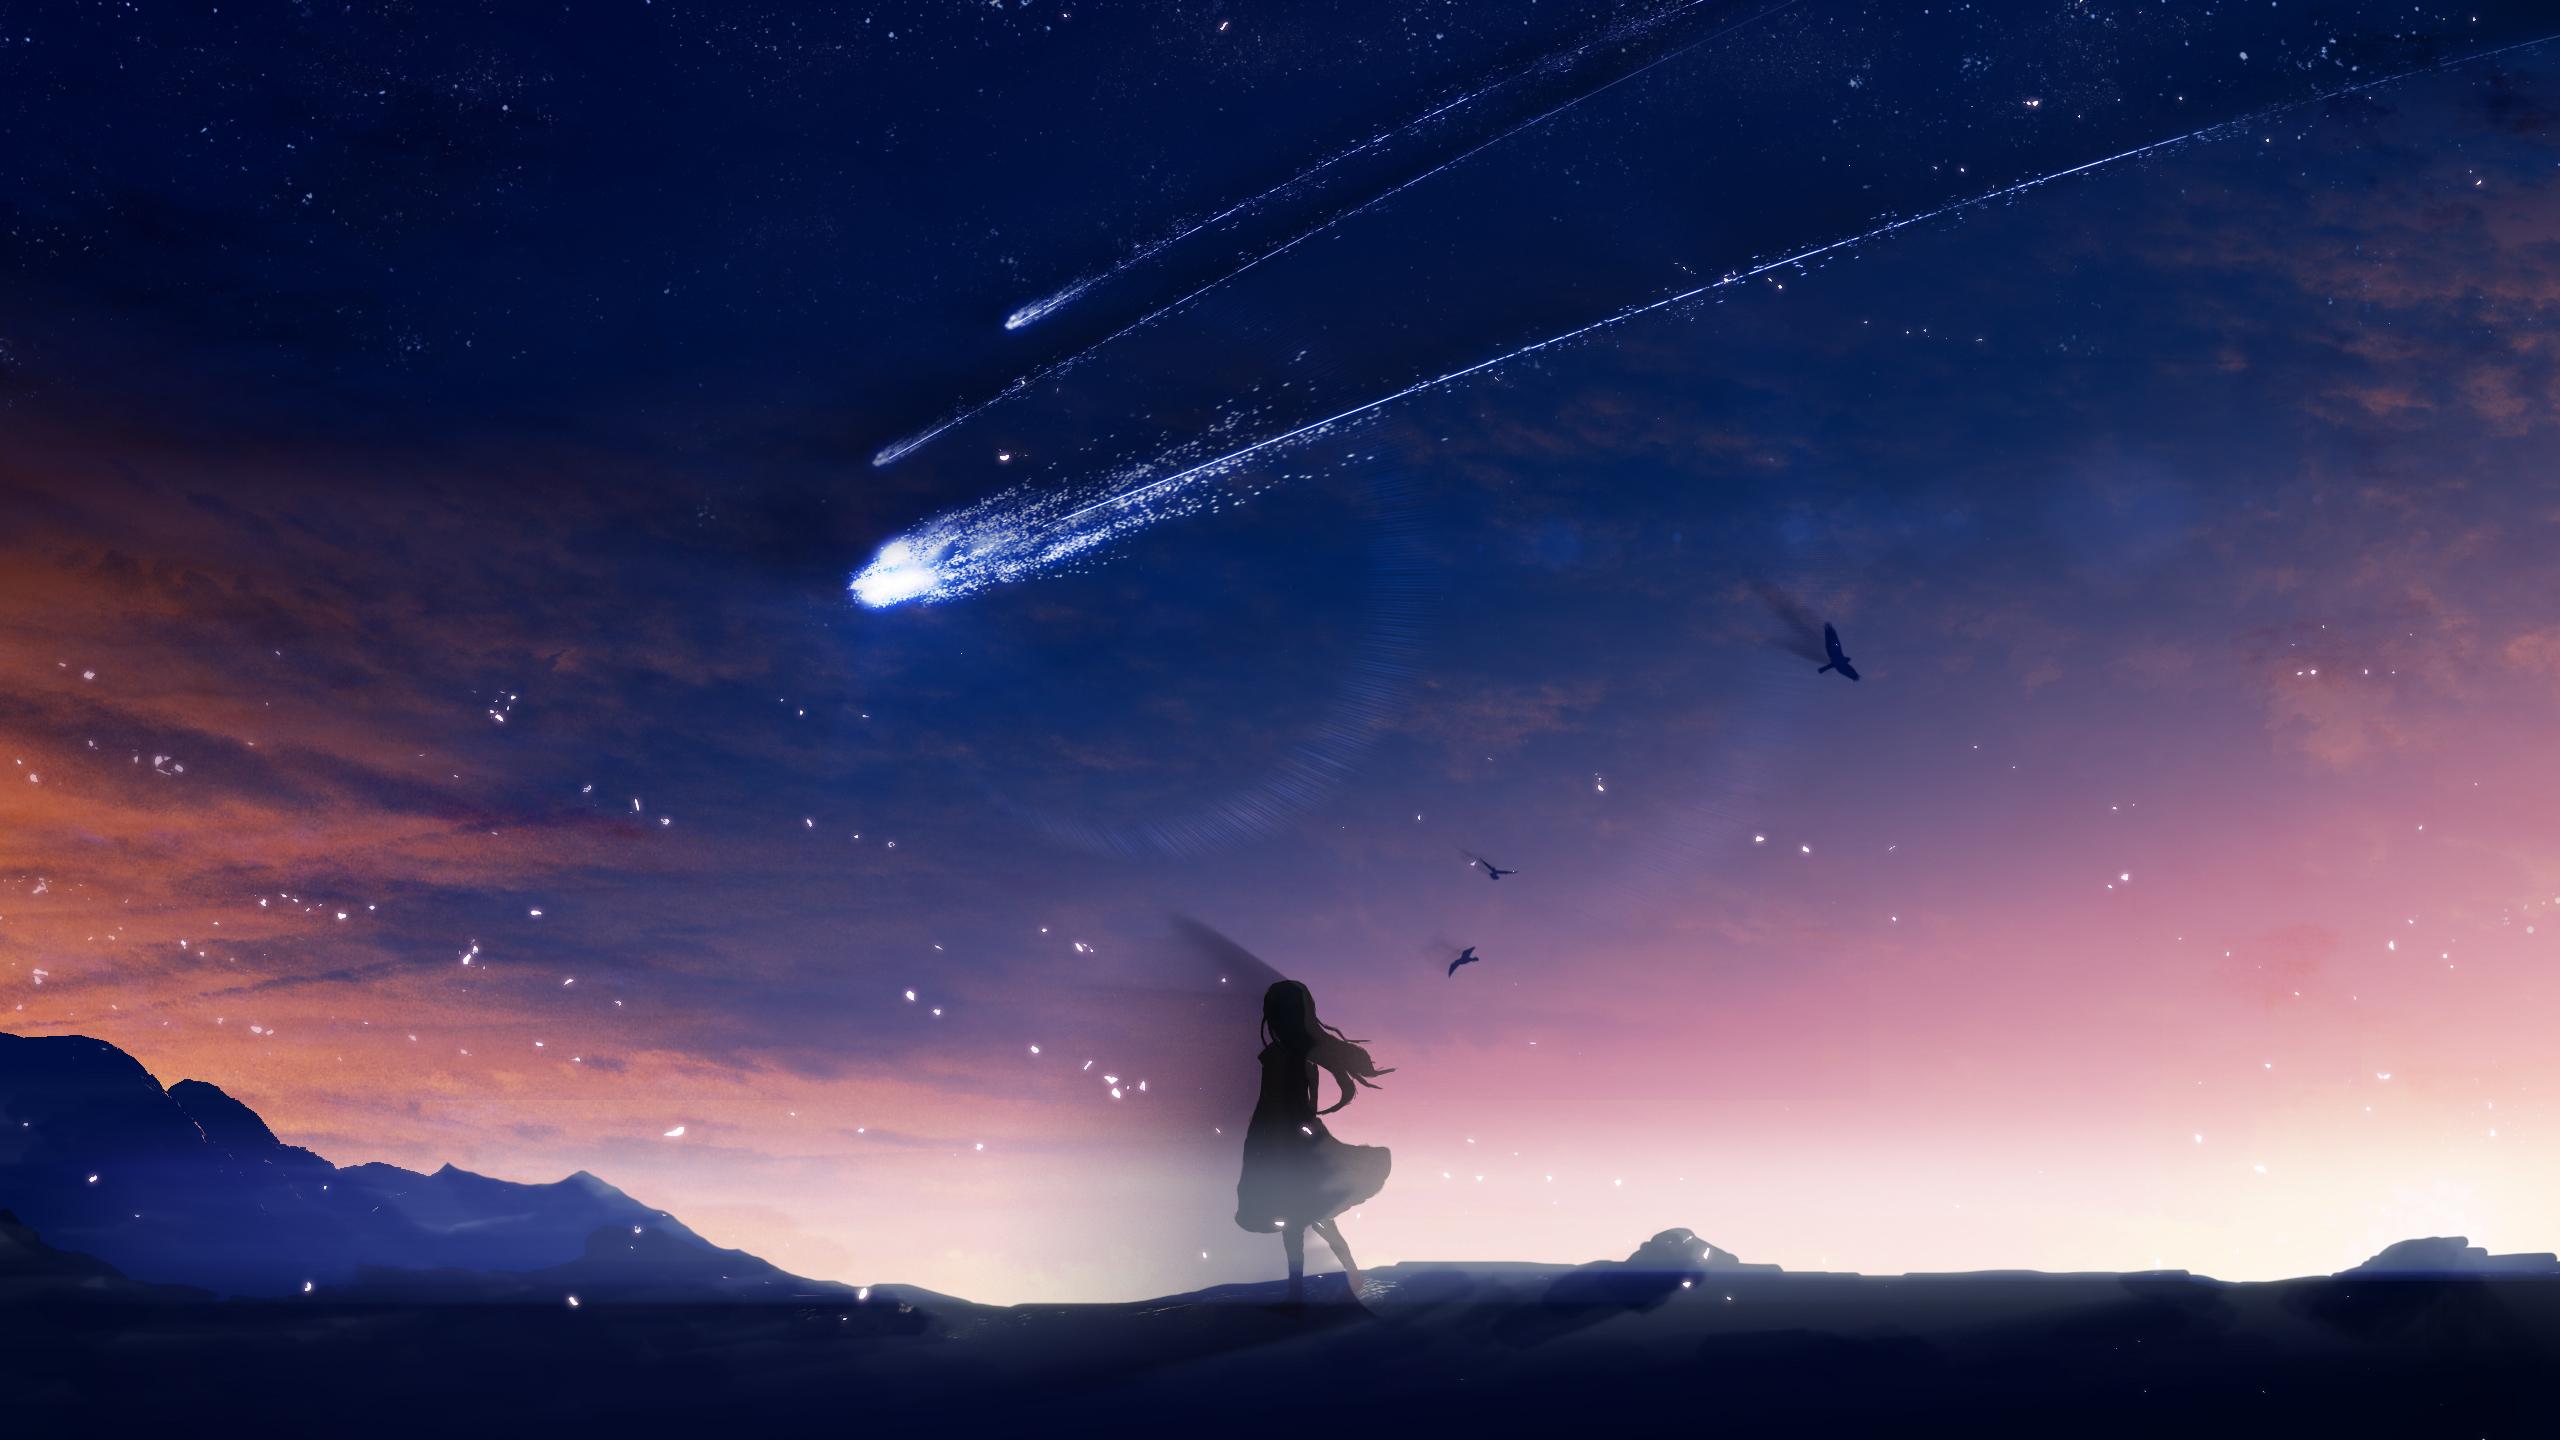 Ysk Ygc Hd Wallpaper 2098674 Zerochan Anime Image Board